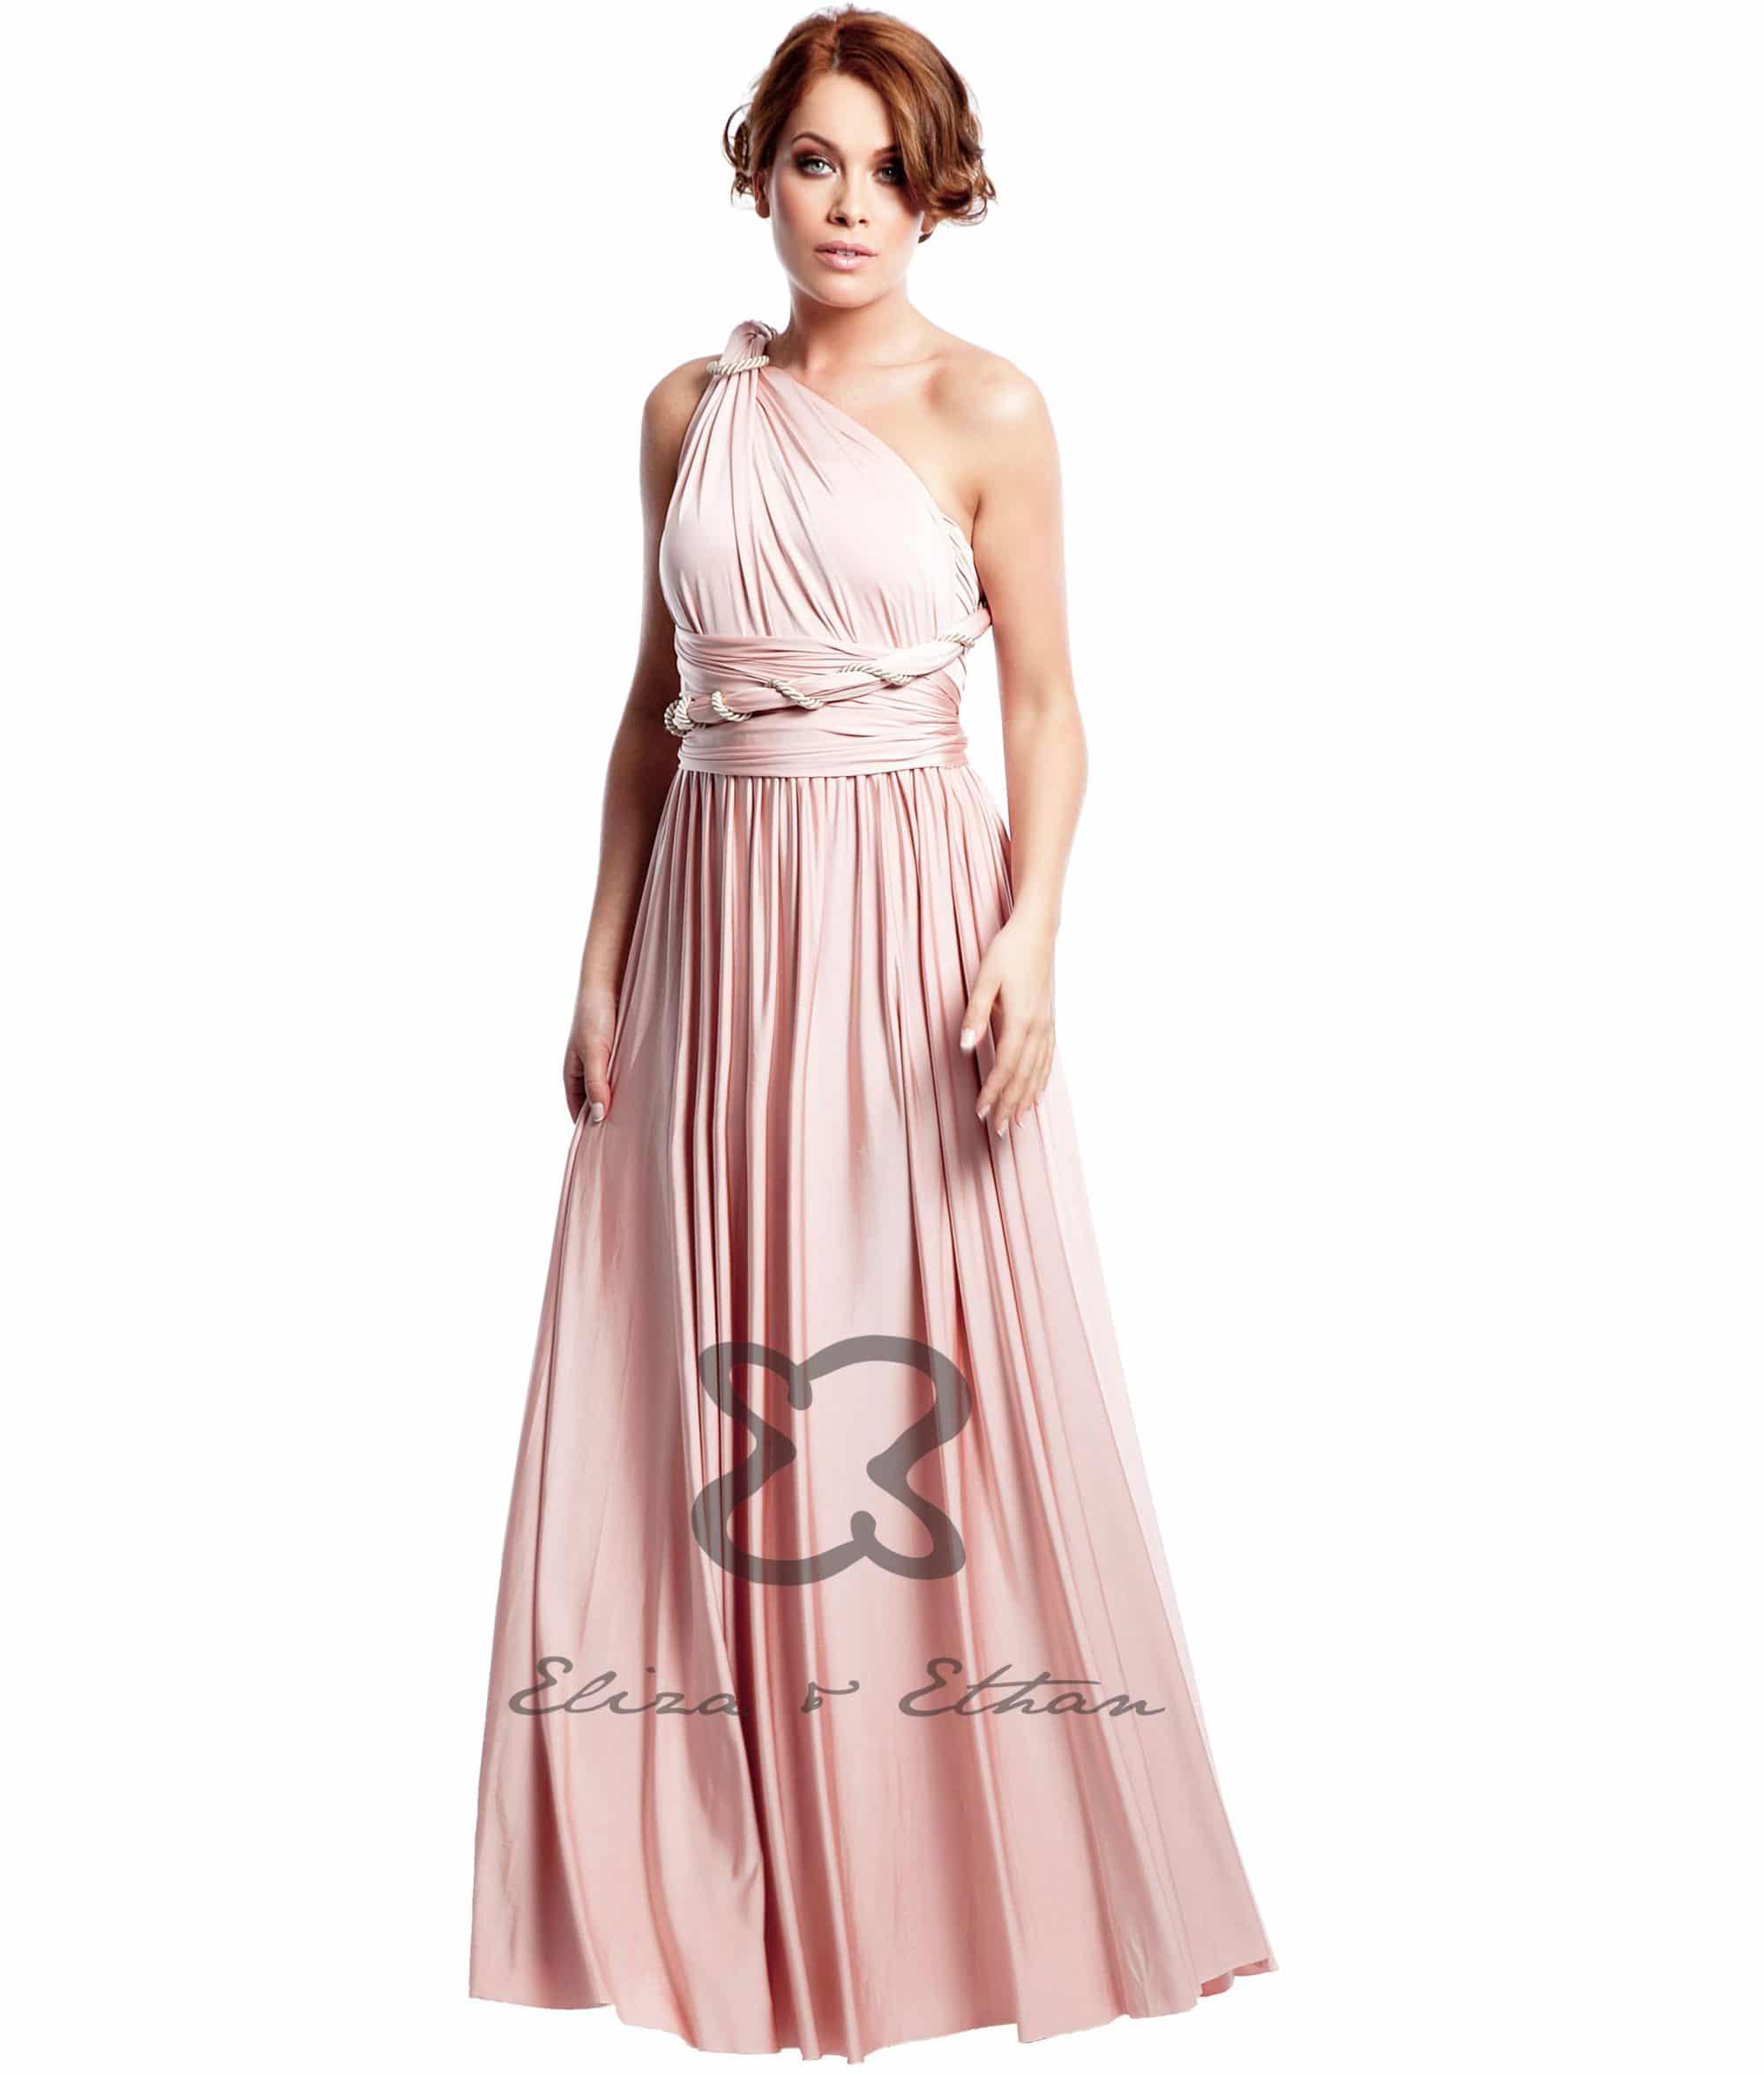 Eliza U0026 Ethan Dusty Rose Multi-wrap Dress - Alila